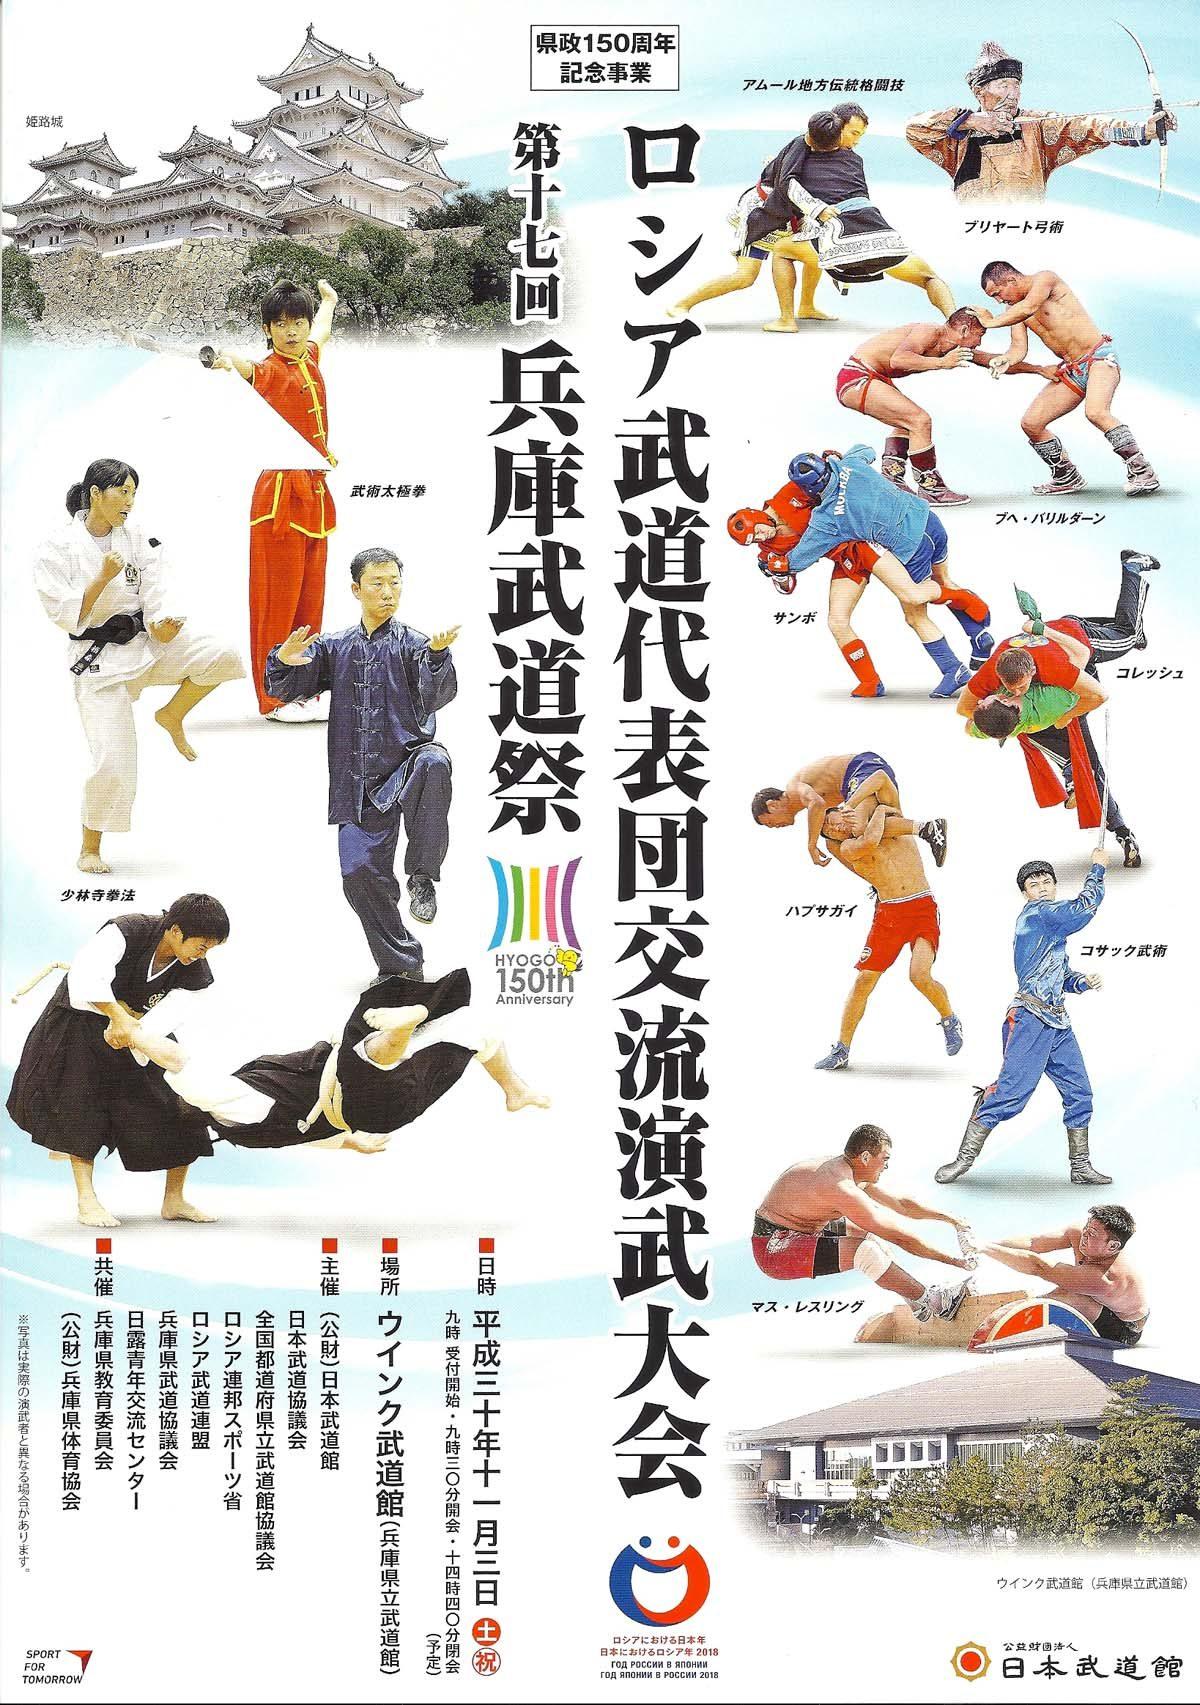 Фестиваль боевых искусств в г. Химэдзи! Год России в Японии!